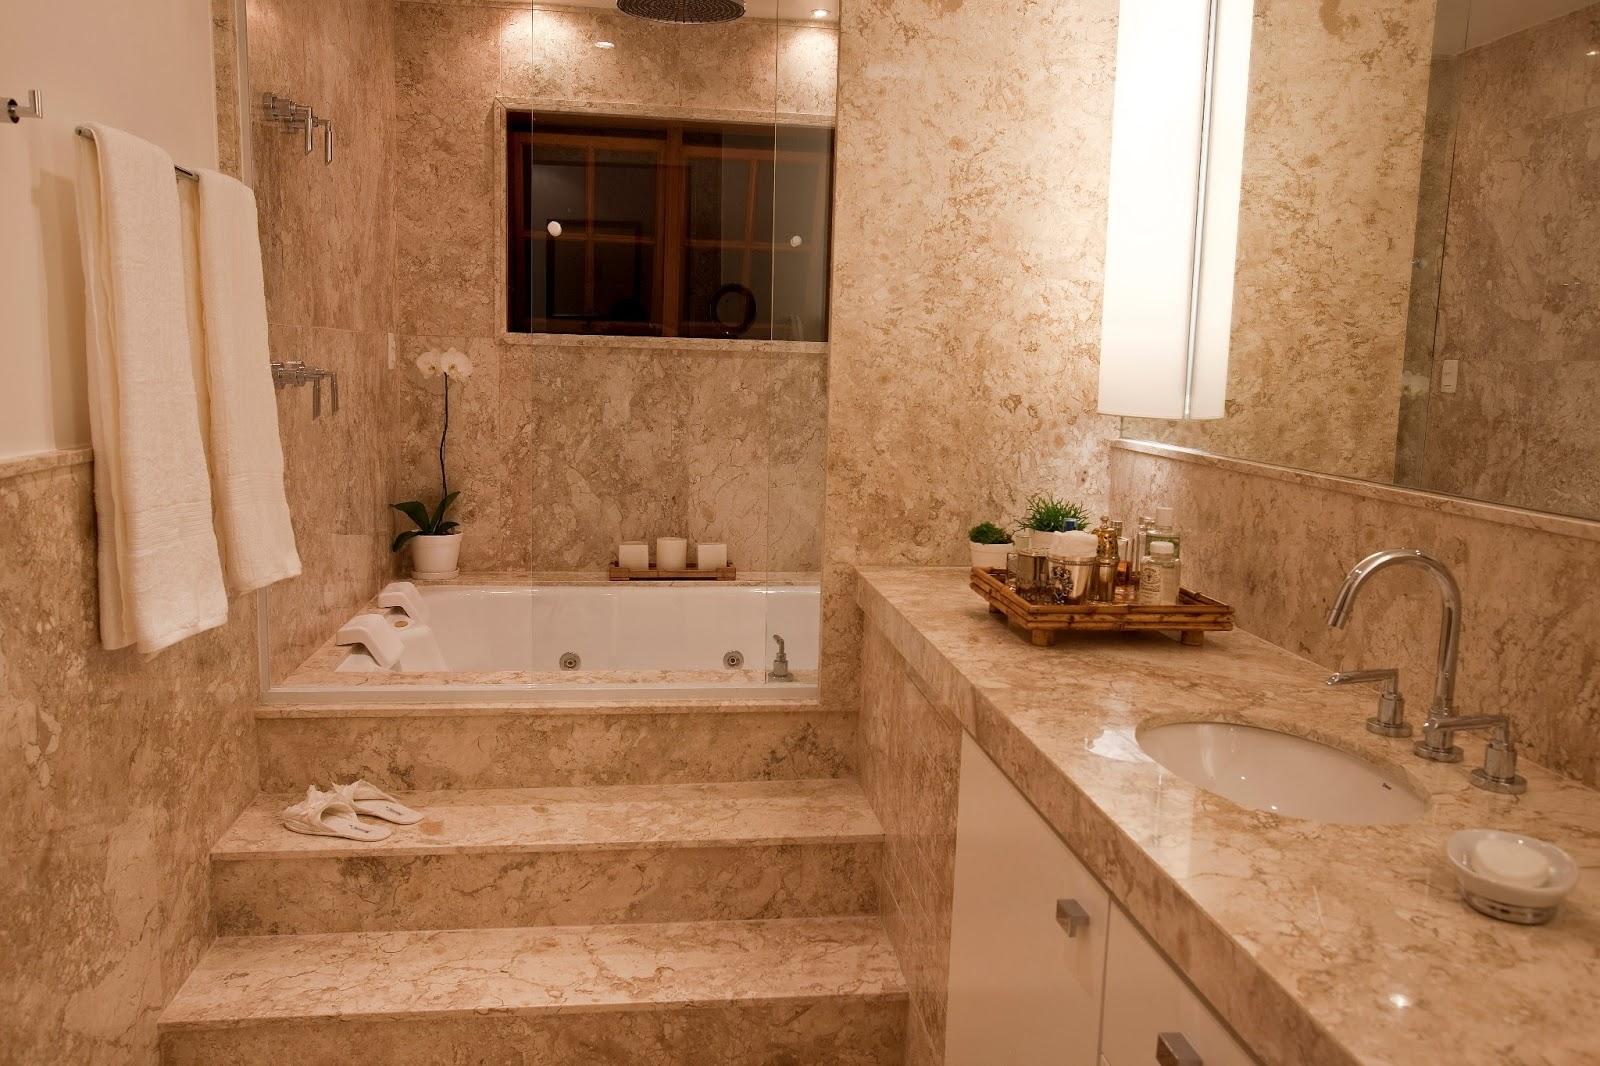 terça feira 18 de junho de 2013 #301708 1600x1066 Banheiro De Luxo Com Banheira